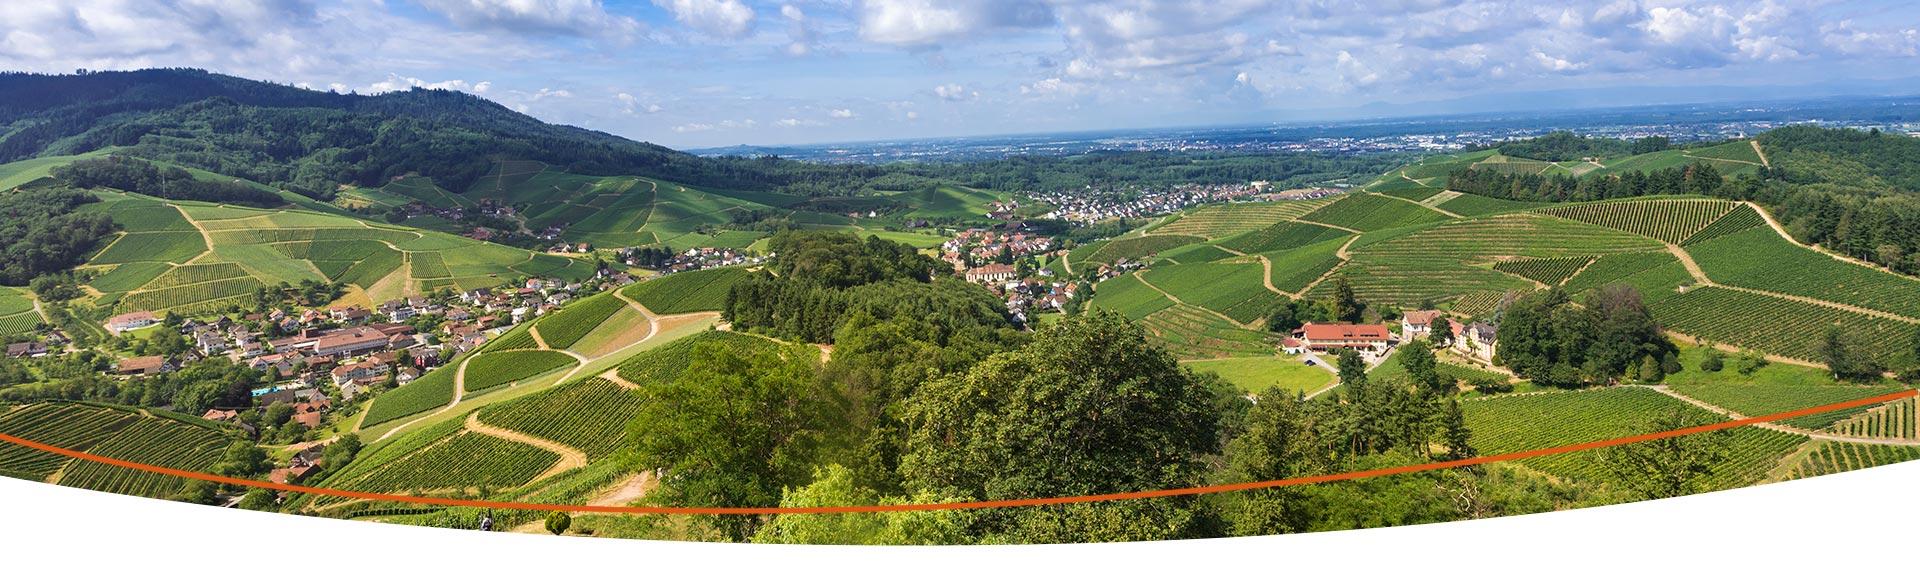 shutterstock.com - Horst Lieber